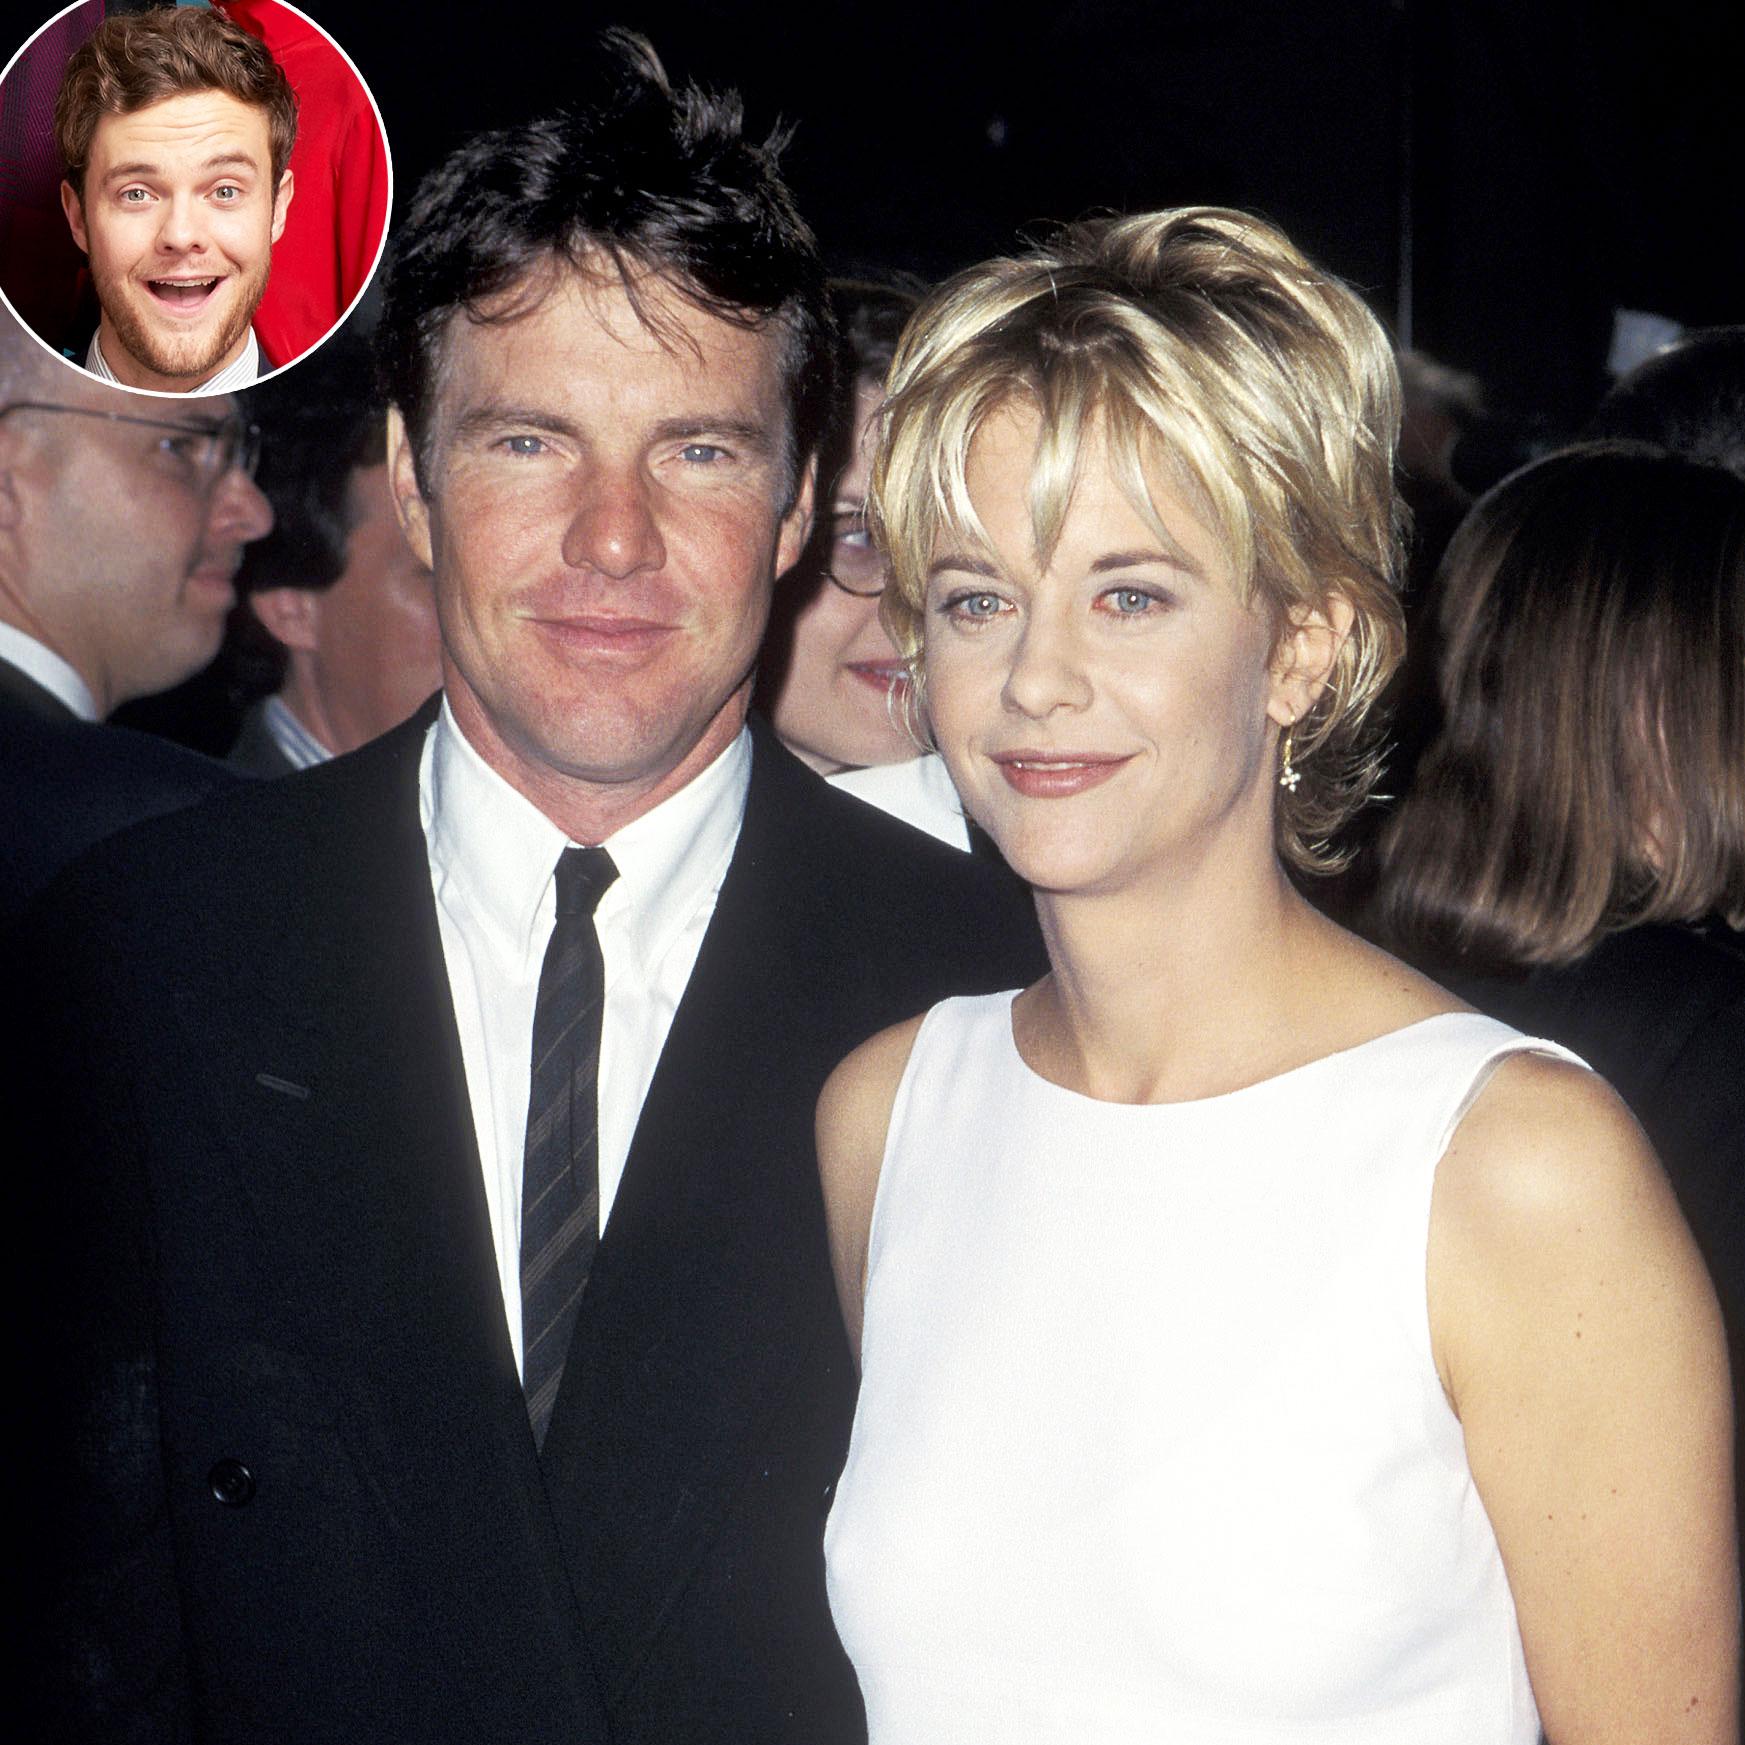 Jack Quaid Didnt Realize Parents Famous Until Divorce Dennis Quaid Meg Ryan - Jack Quaid, Dennis Quaid and Meg Ryan.